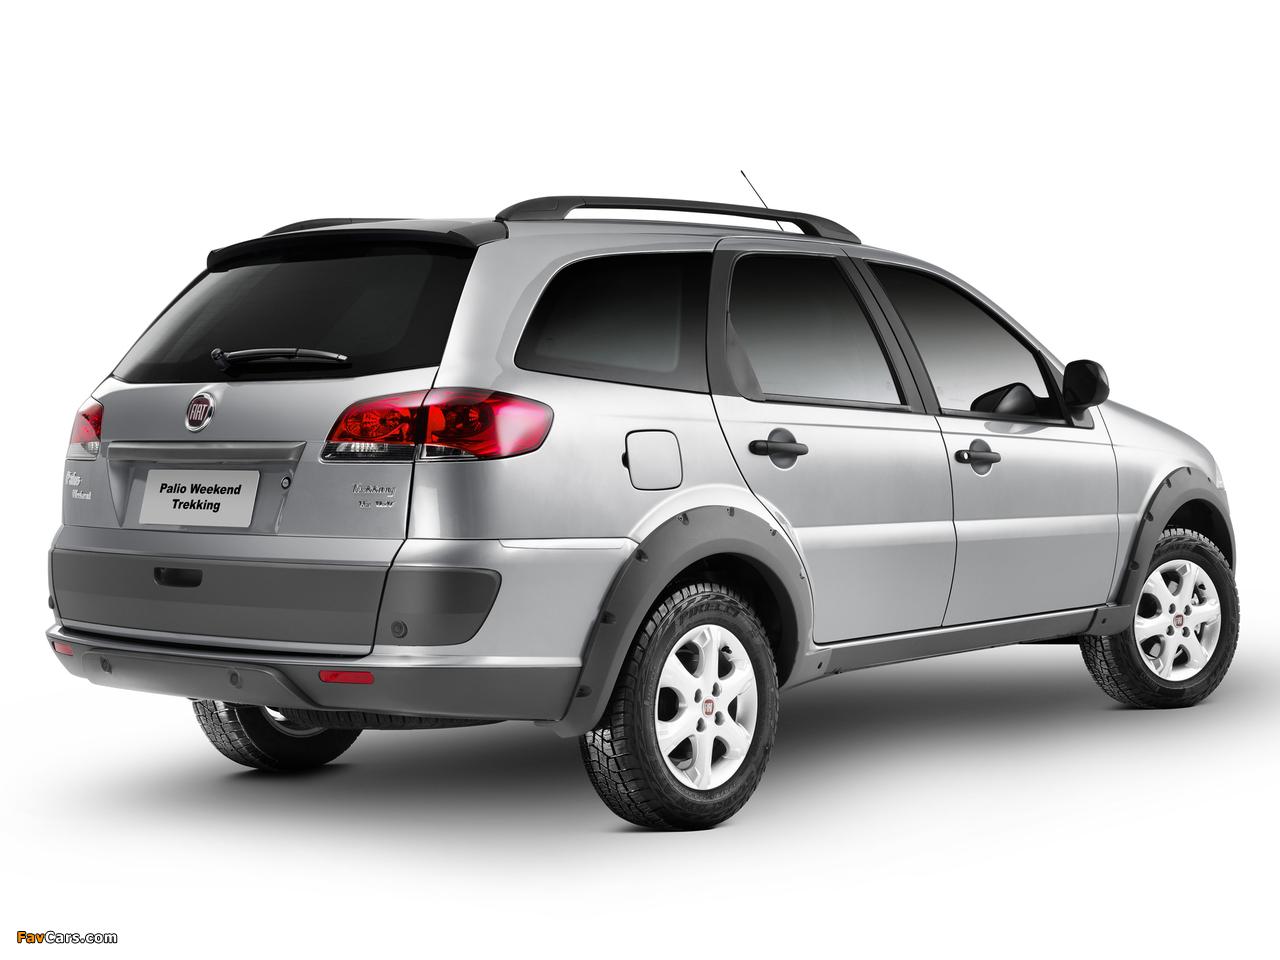 Fiat Palio Weekend Trekking (178) 2012 pictures (1280 x 960)